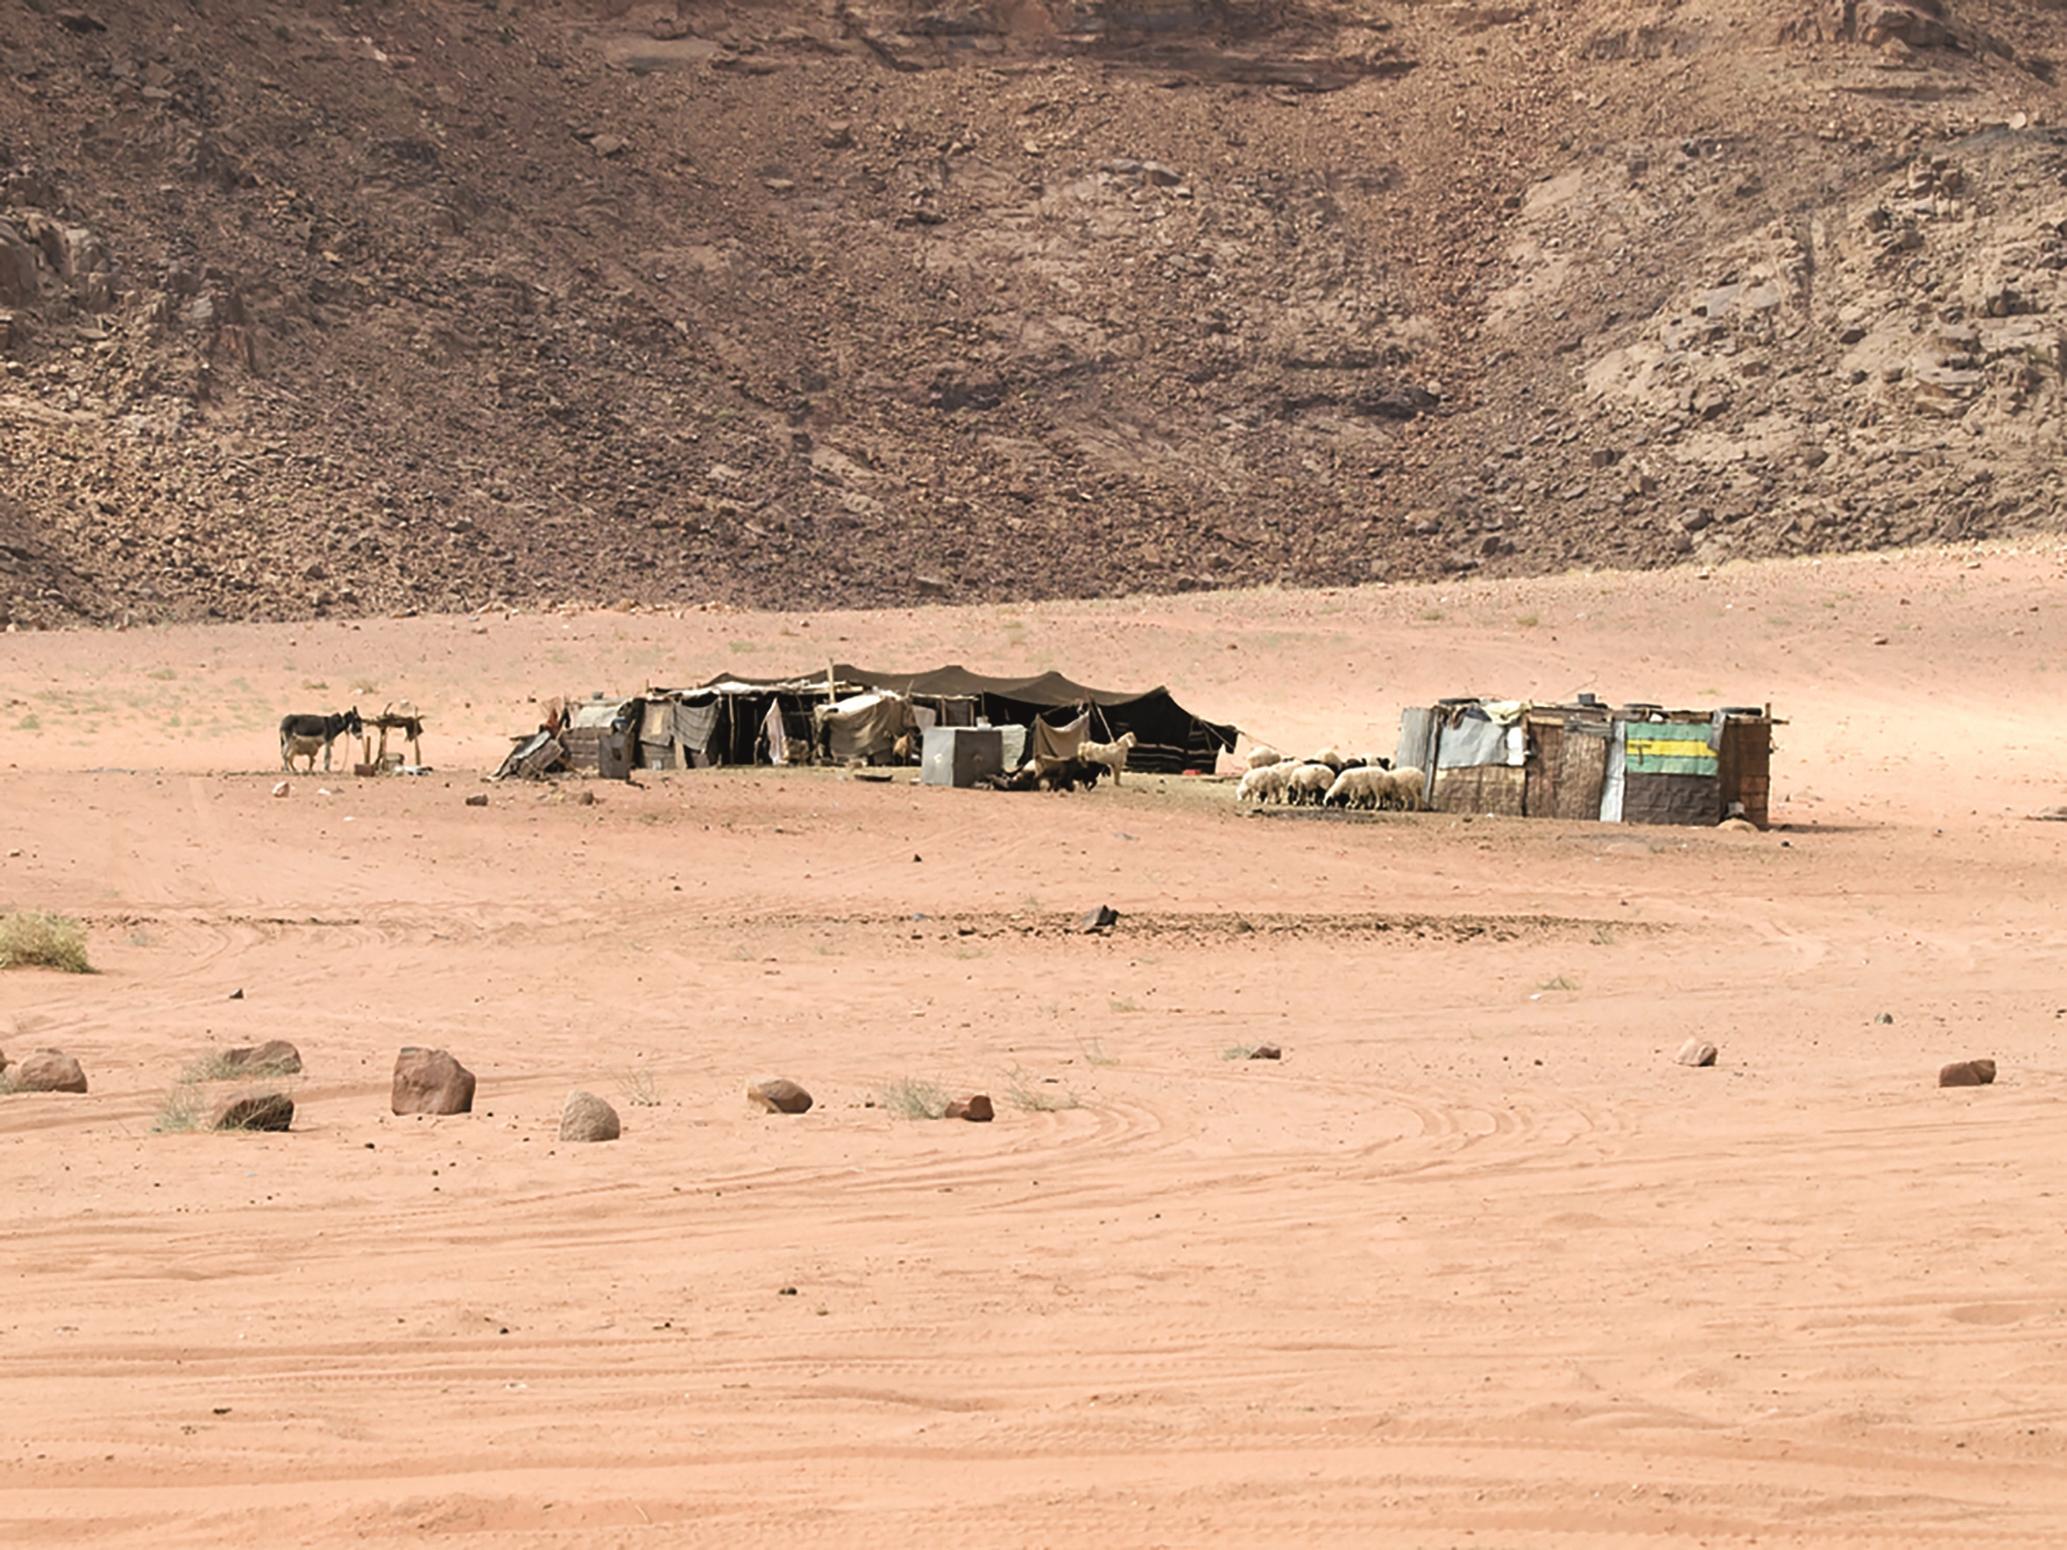 Bedouin tent_SHUTTERSTOCK2.jpg